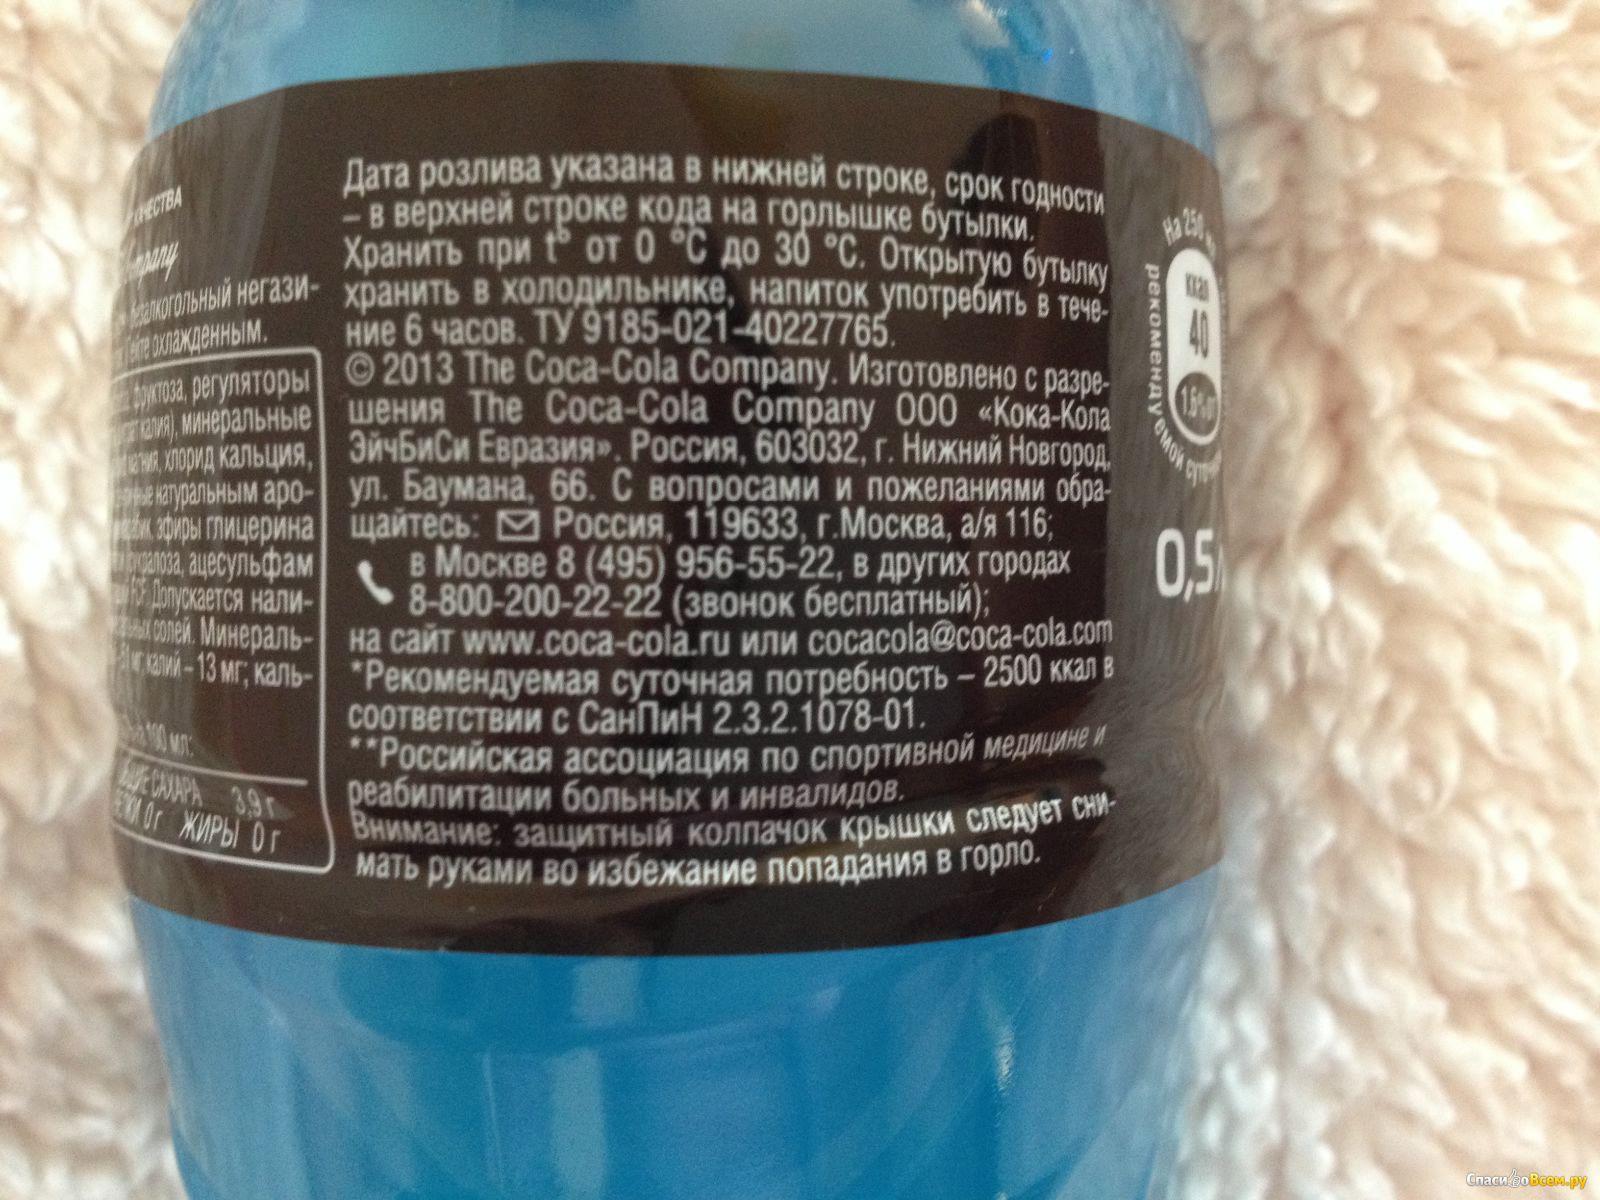 Powerade (напиток): полезные свойства и вред, состав